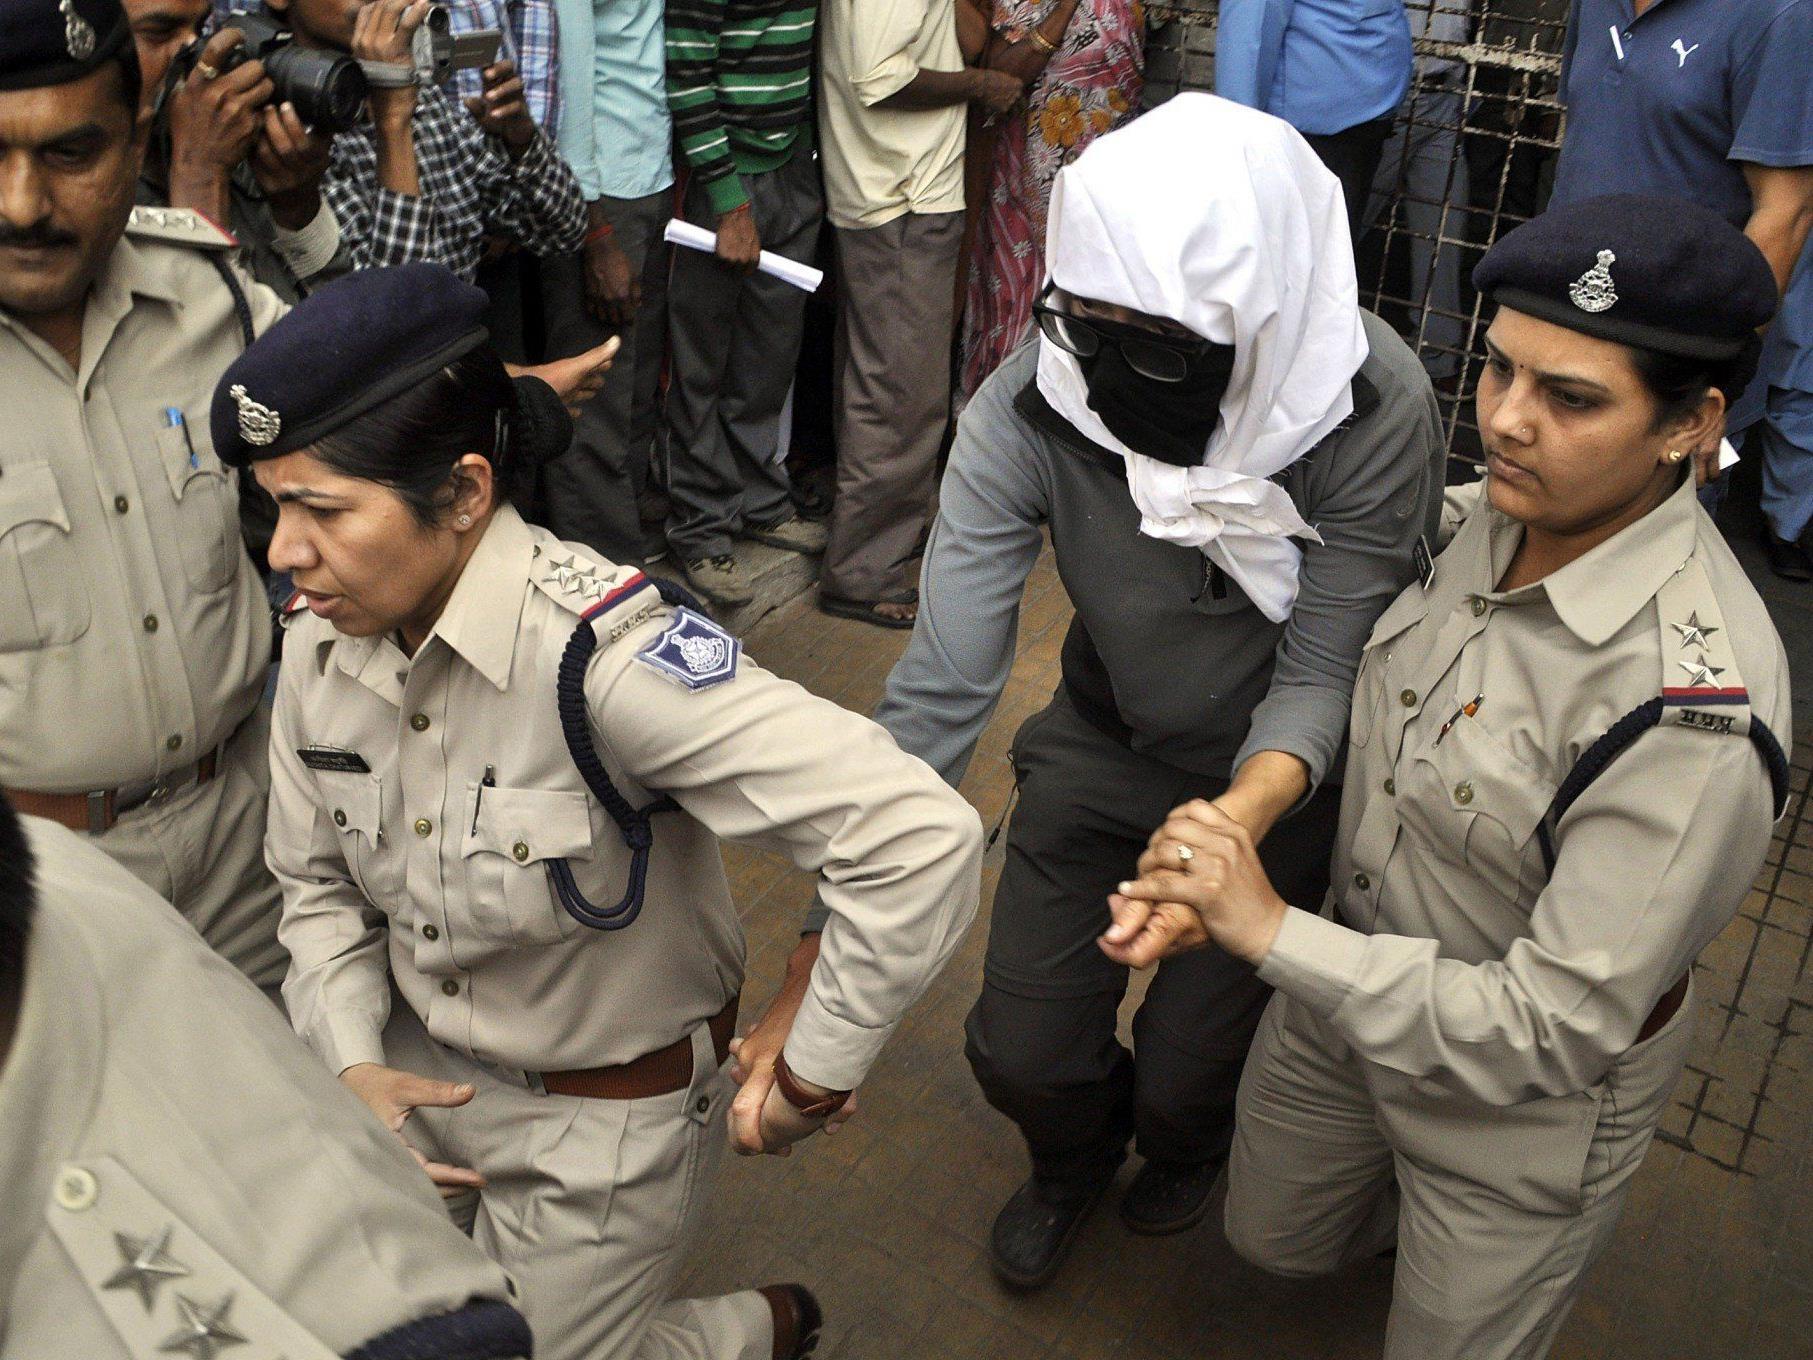 Nach brutaler Vergewaltigung: Die 39-jährige Schweizerin wird von Polizistinnen in ein Spital in Gwalior gebracht.